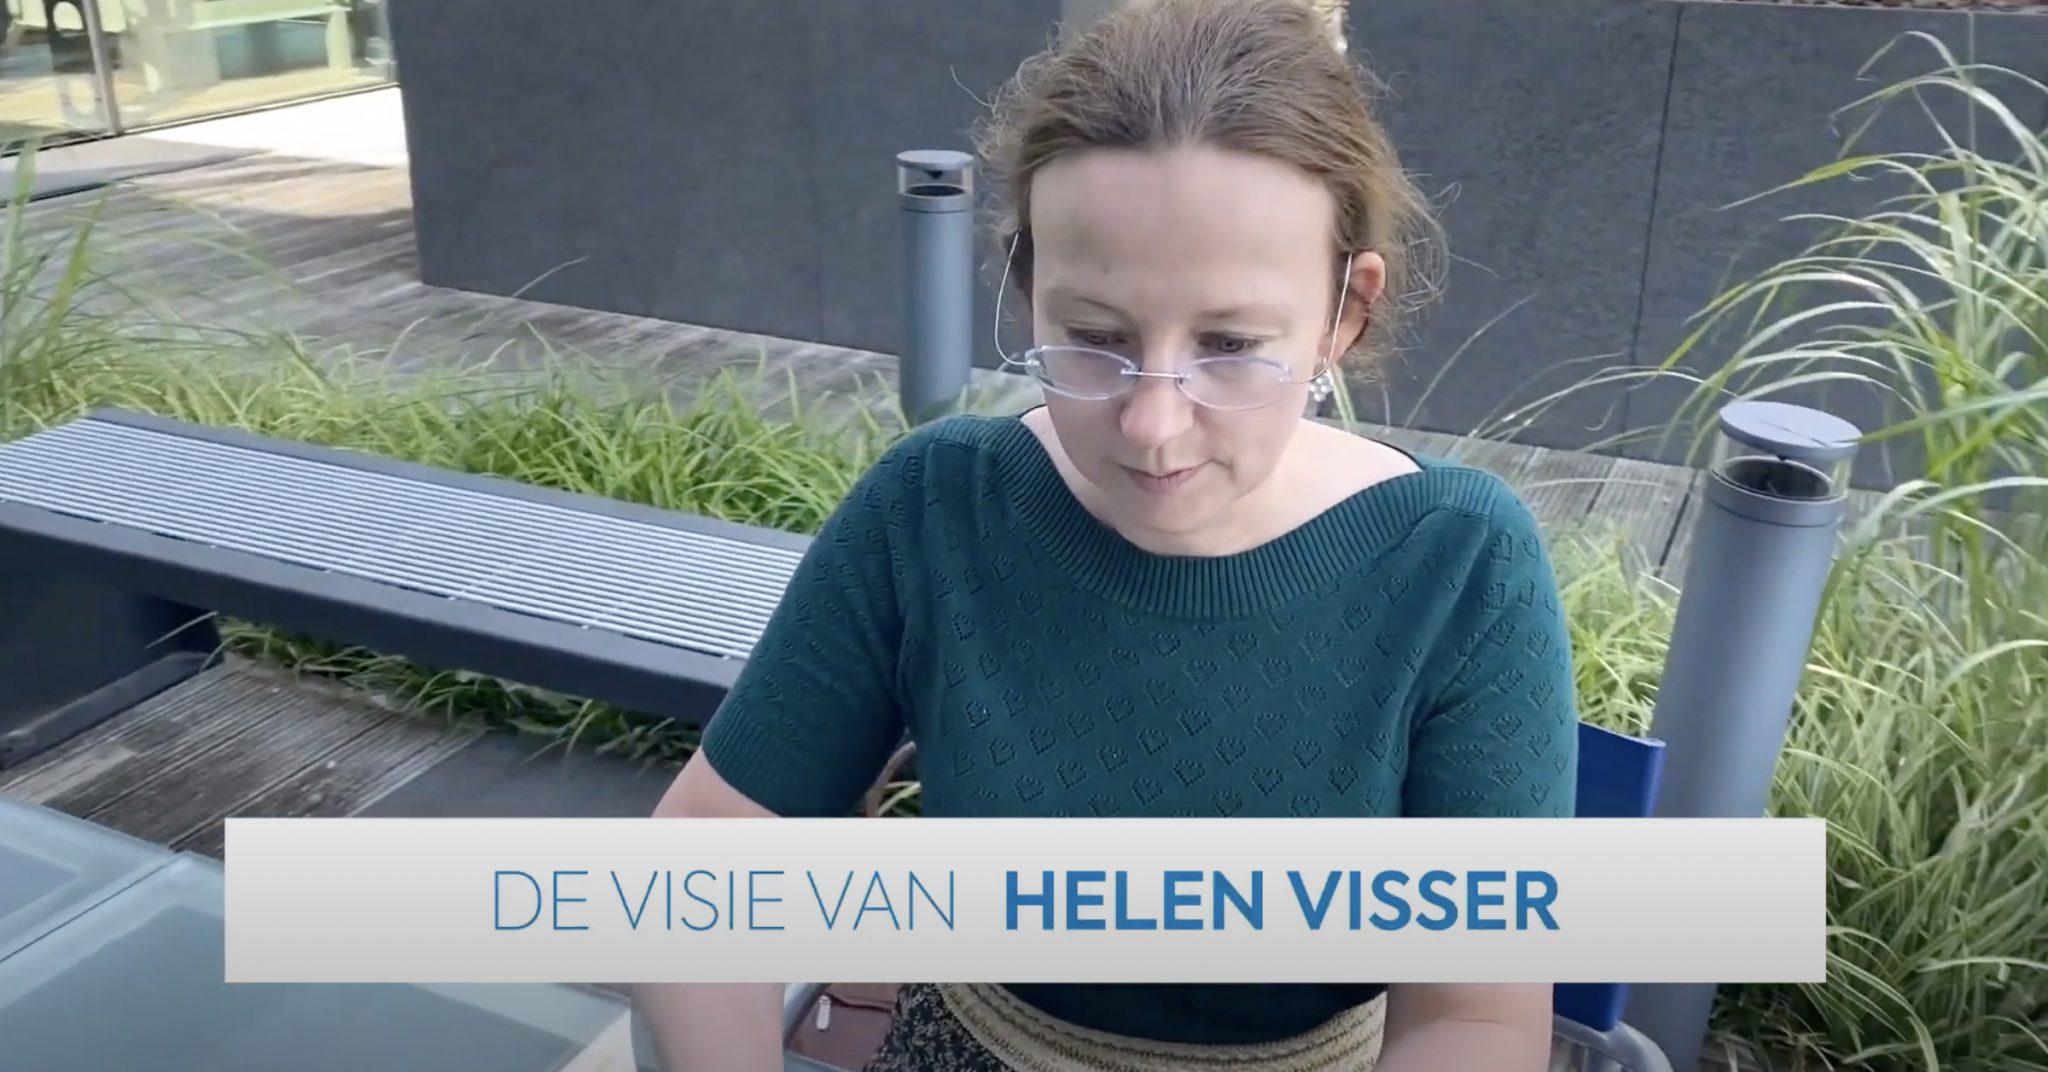 Helen Visser: 'Iedereen in de bouwwereld is er min of meer van overtuigd dat we anders moeten gaan werken'